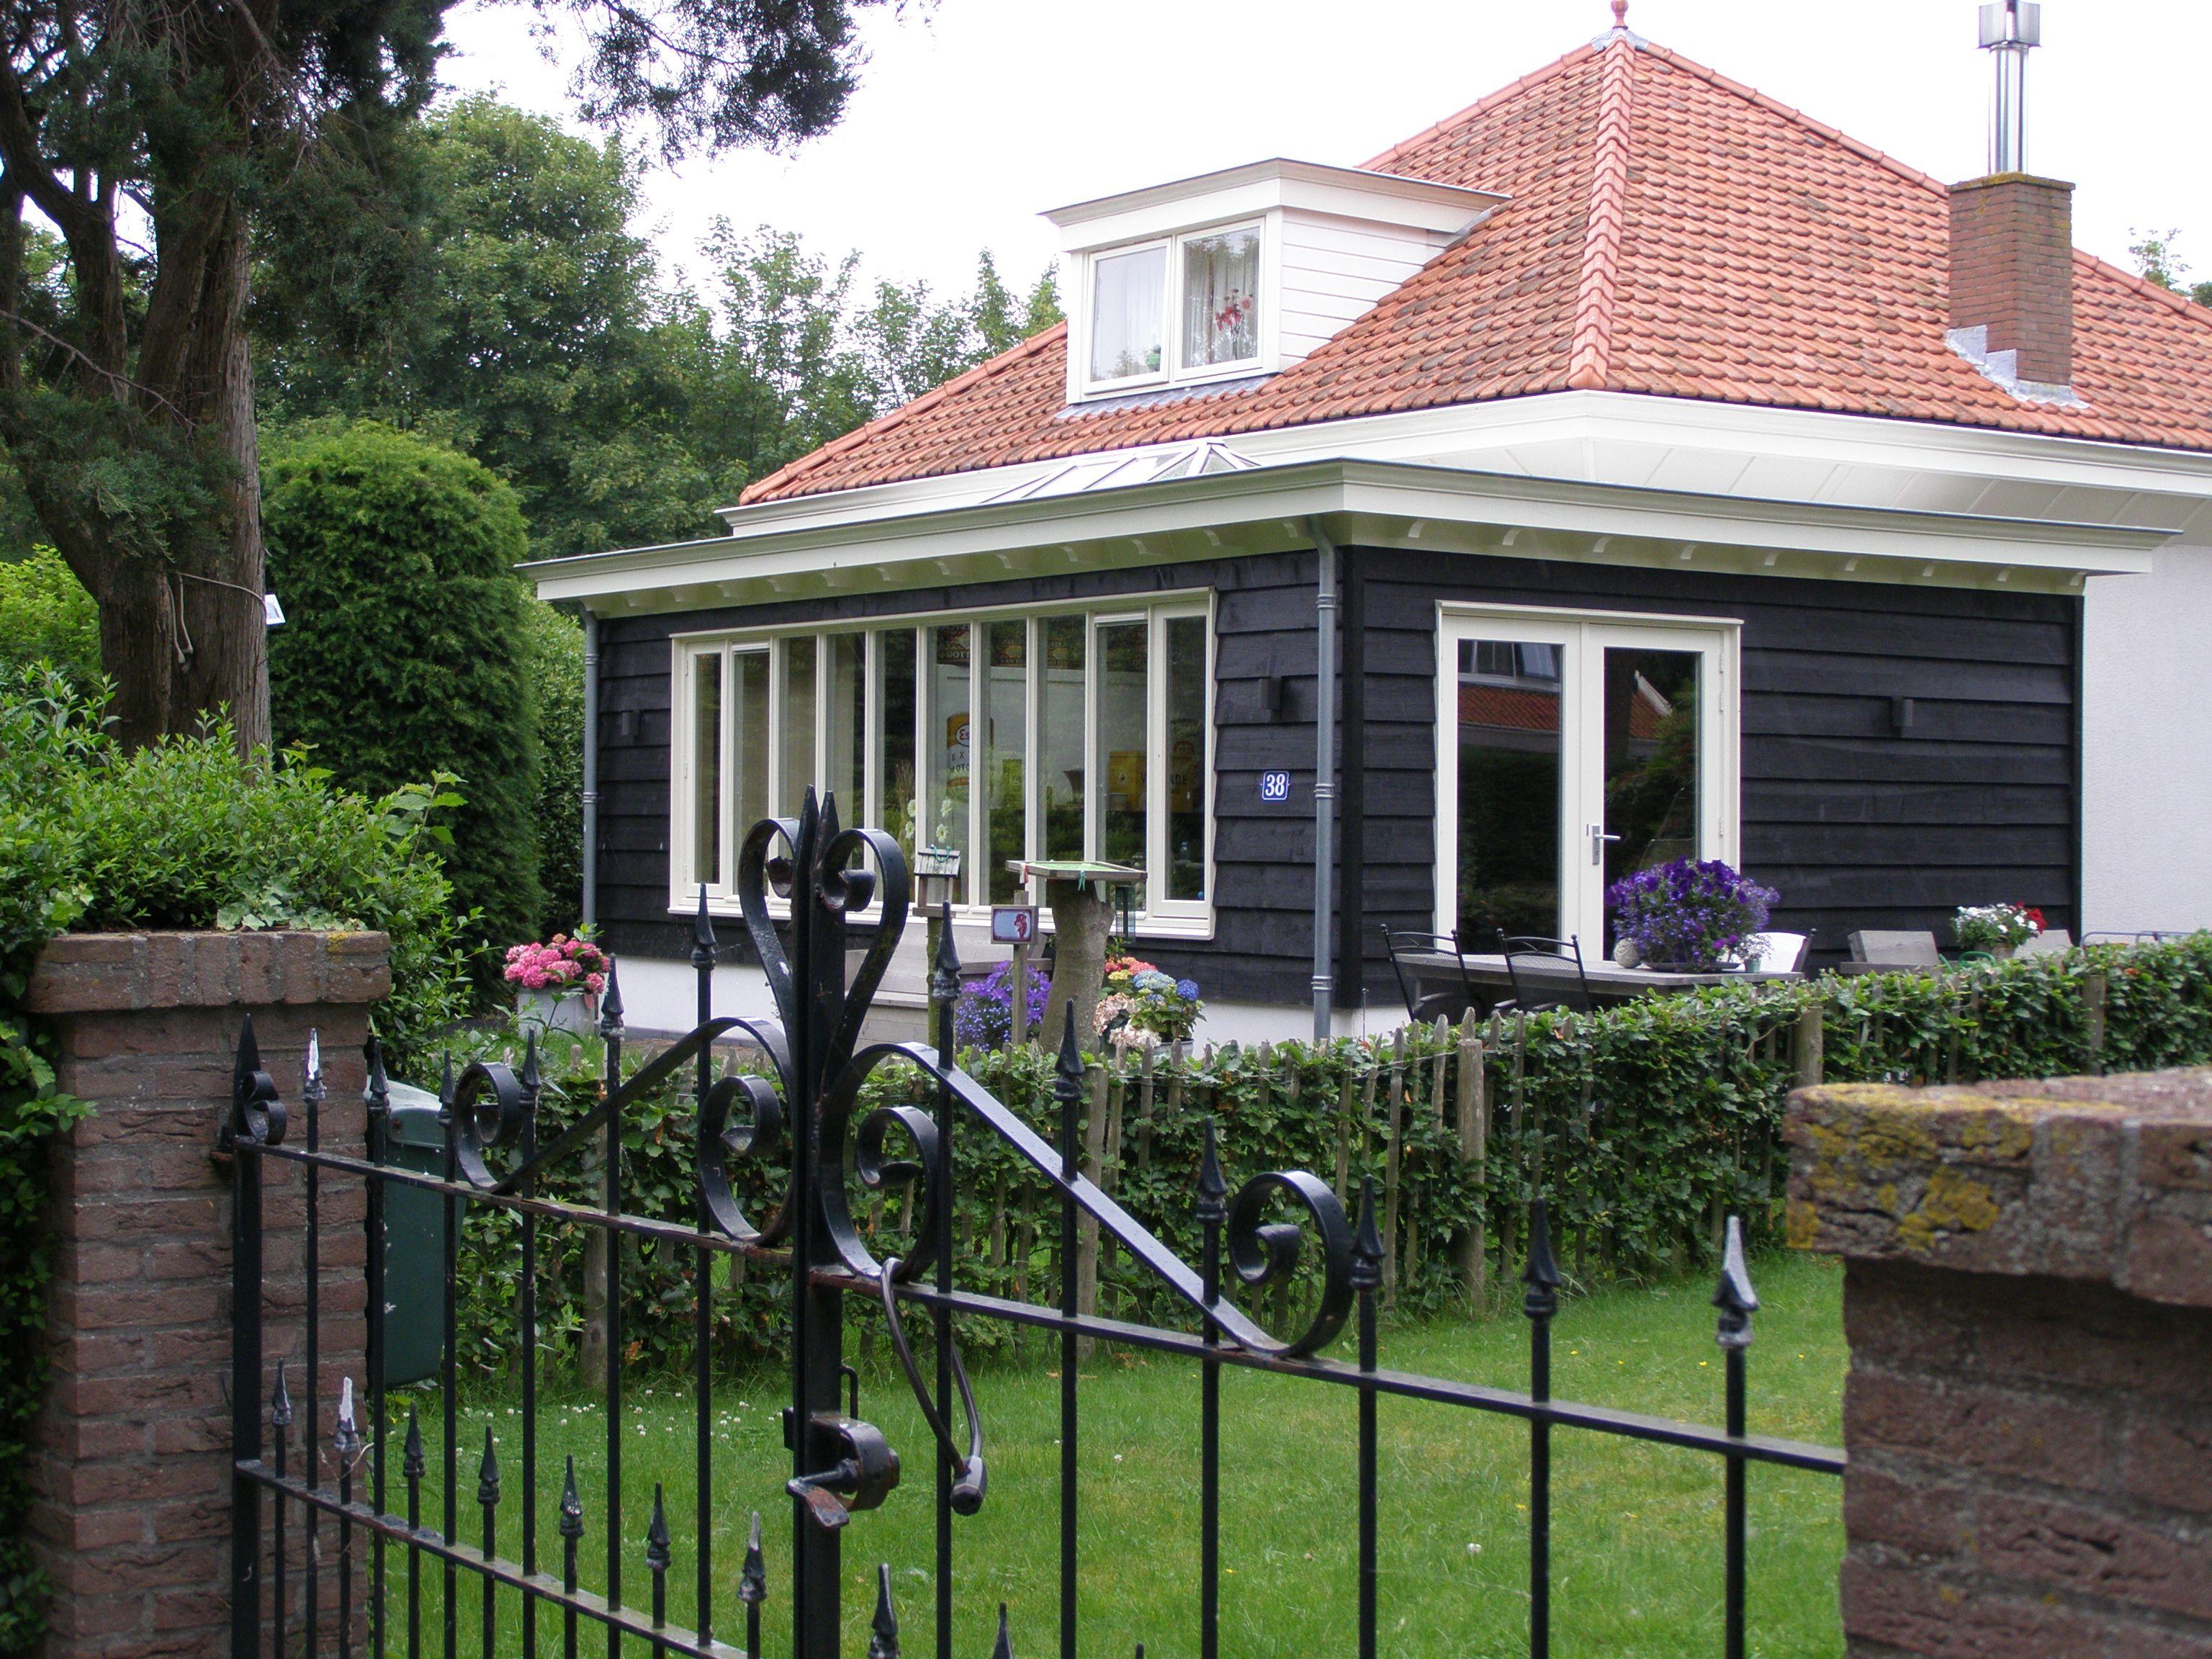 Aanbouw Keuken In Hout : Houten veranda's en overkappingen on Pinterest Atelier, Vans and